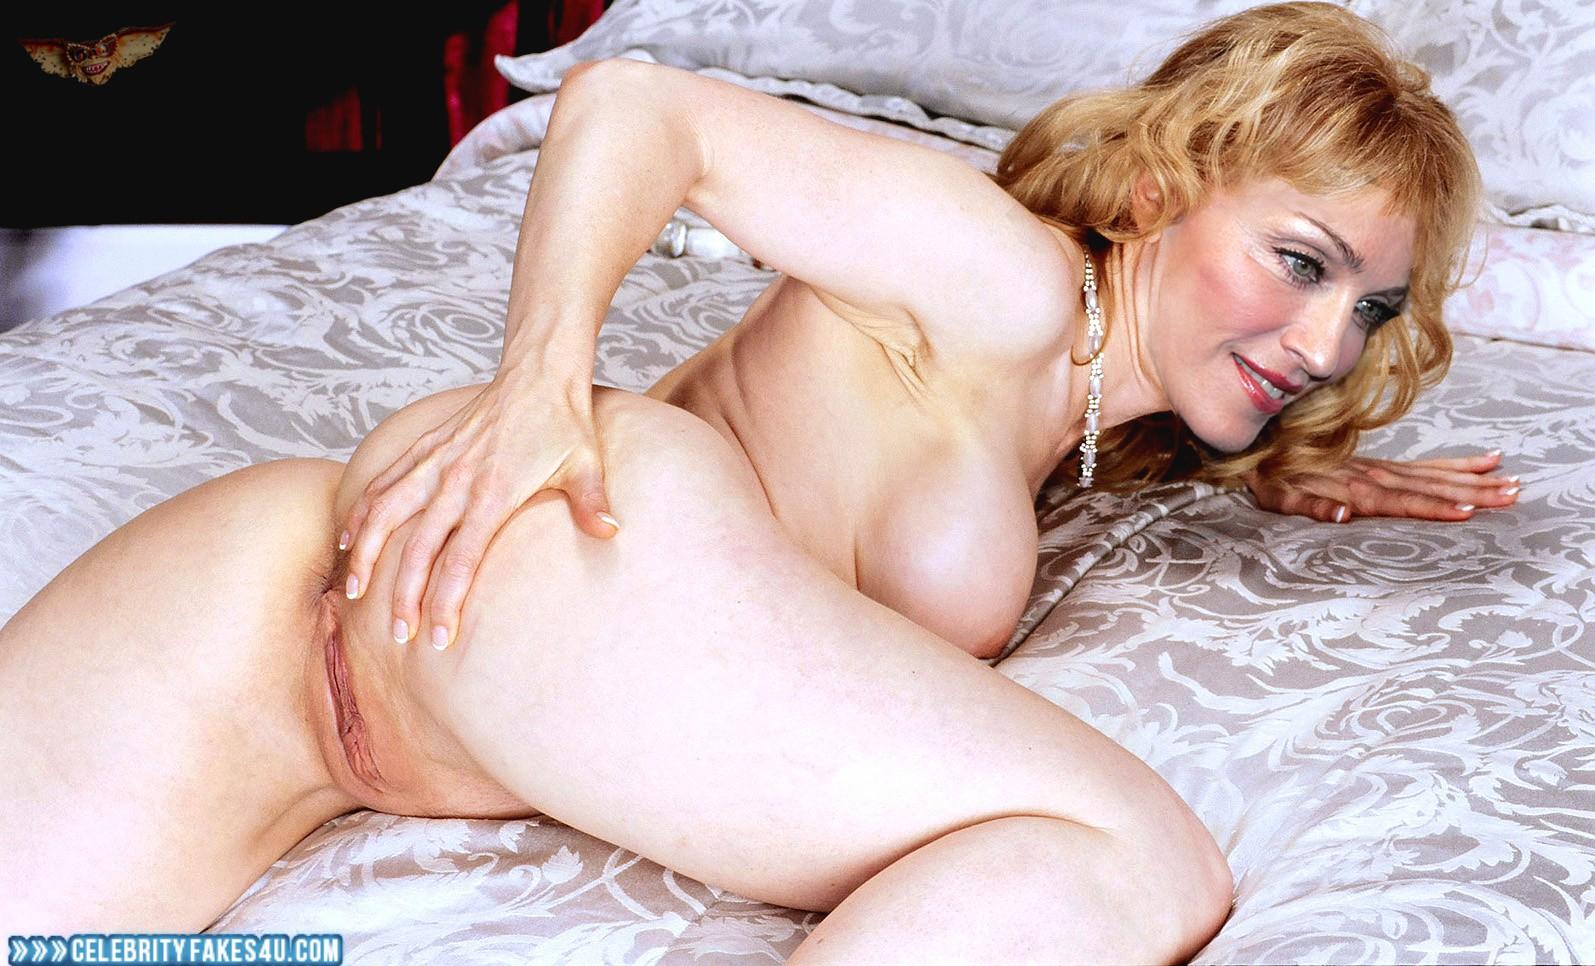 Смотреть порно с участием мадонны, порно звезда никки джейн и ее порно фото галереи